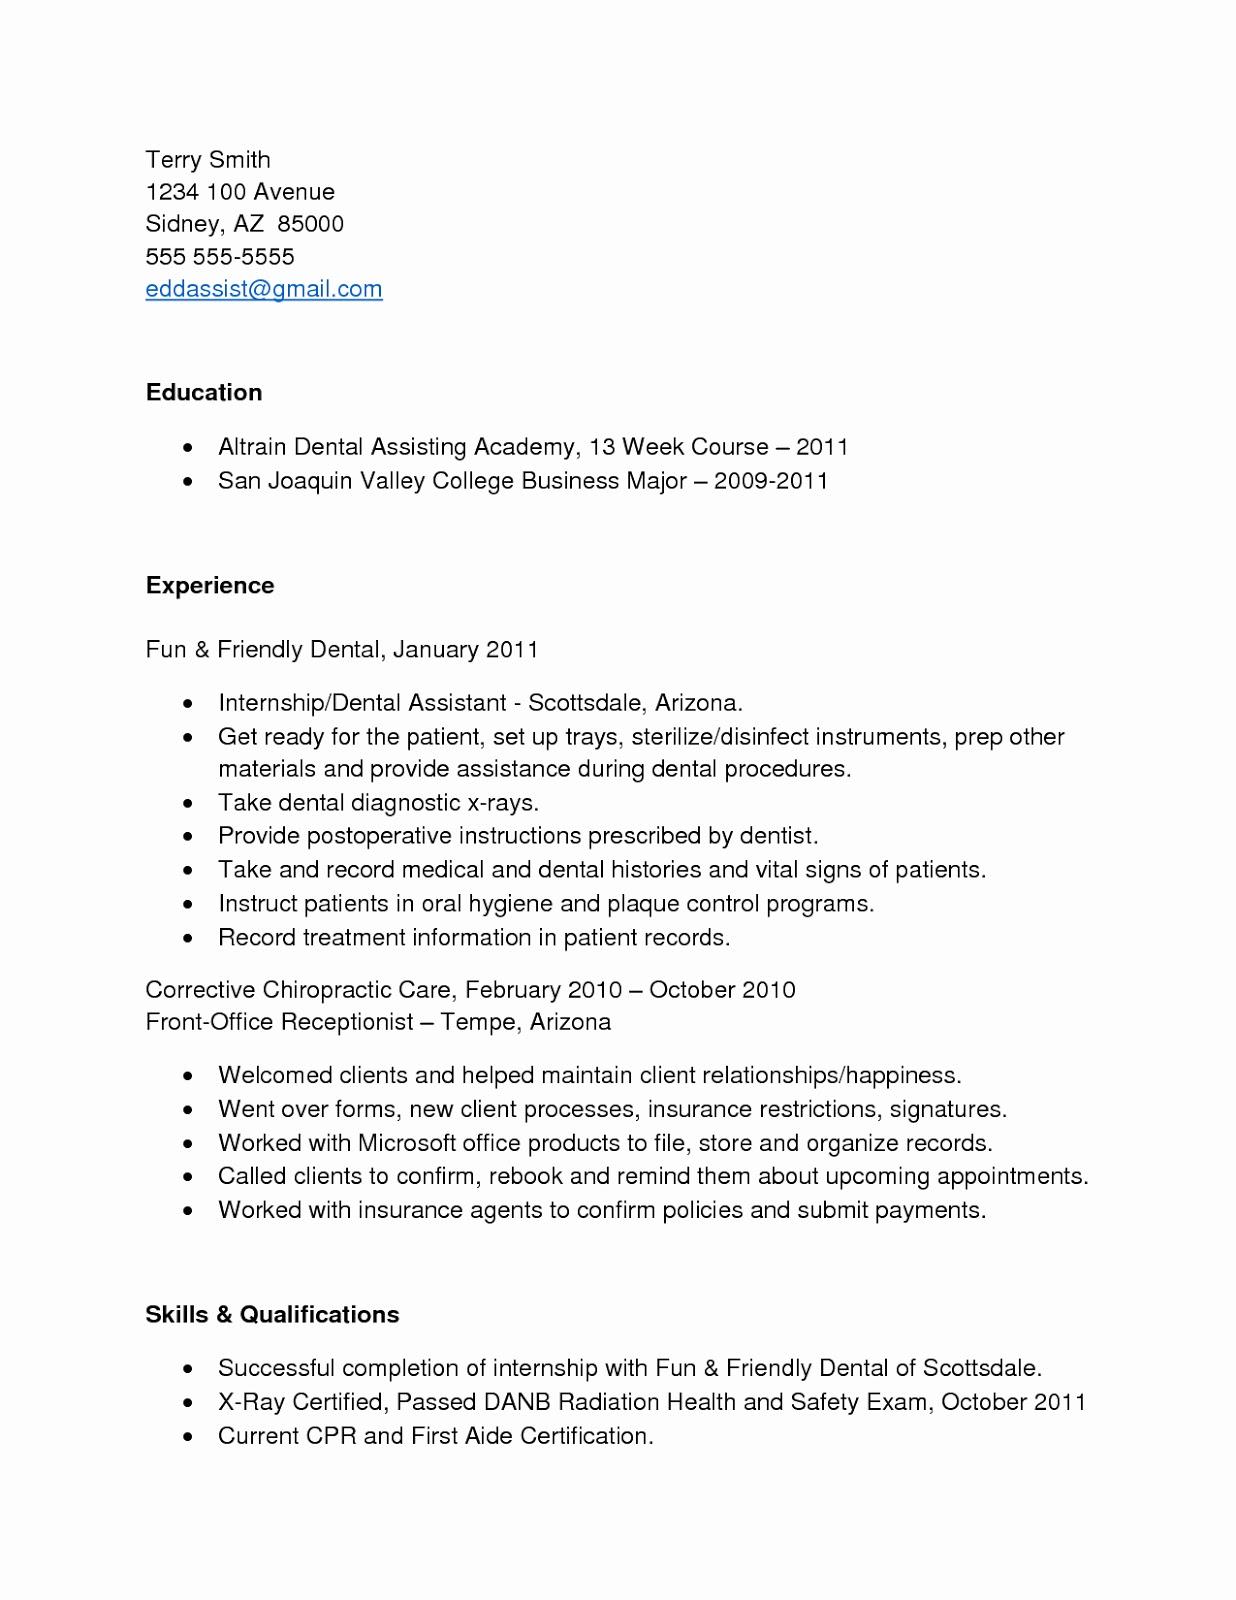 Barback Resume Sample 2019 Sample Resume For Barback 2020 barback resume sample barback resume example sample resume for barback barback resume objective example barback resume samples barback resume examples barback resume sample